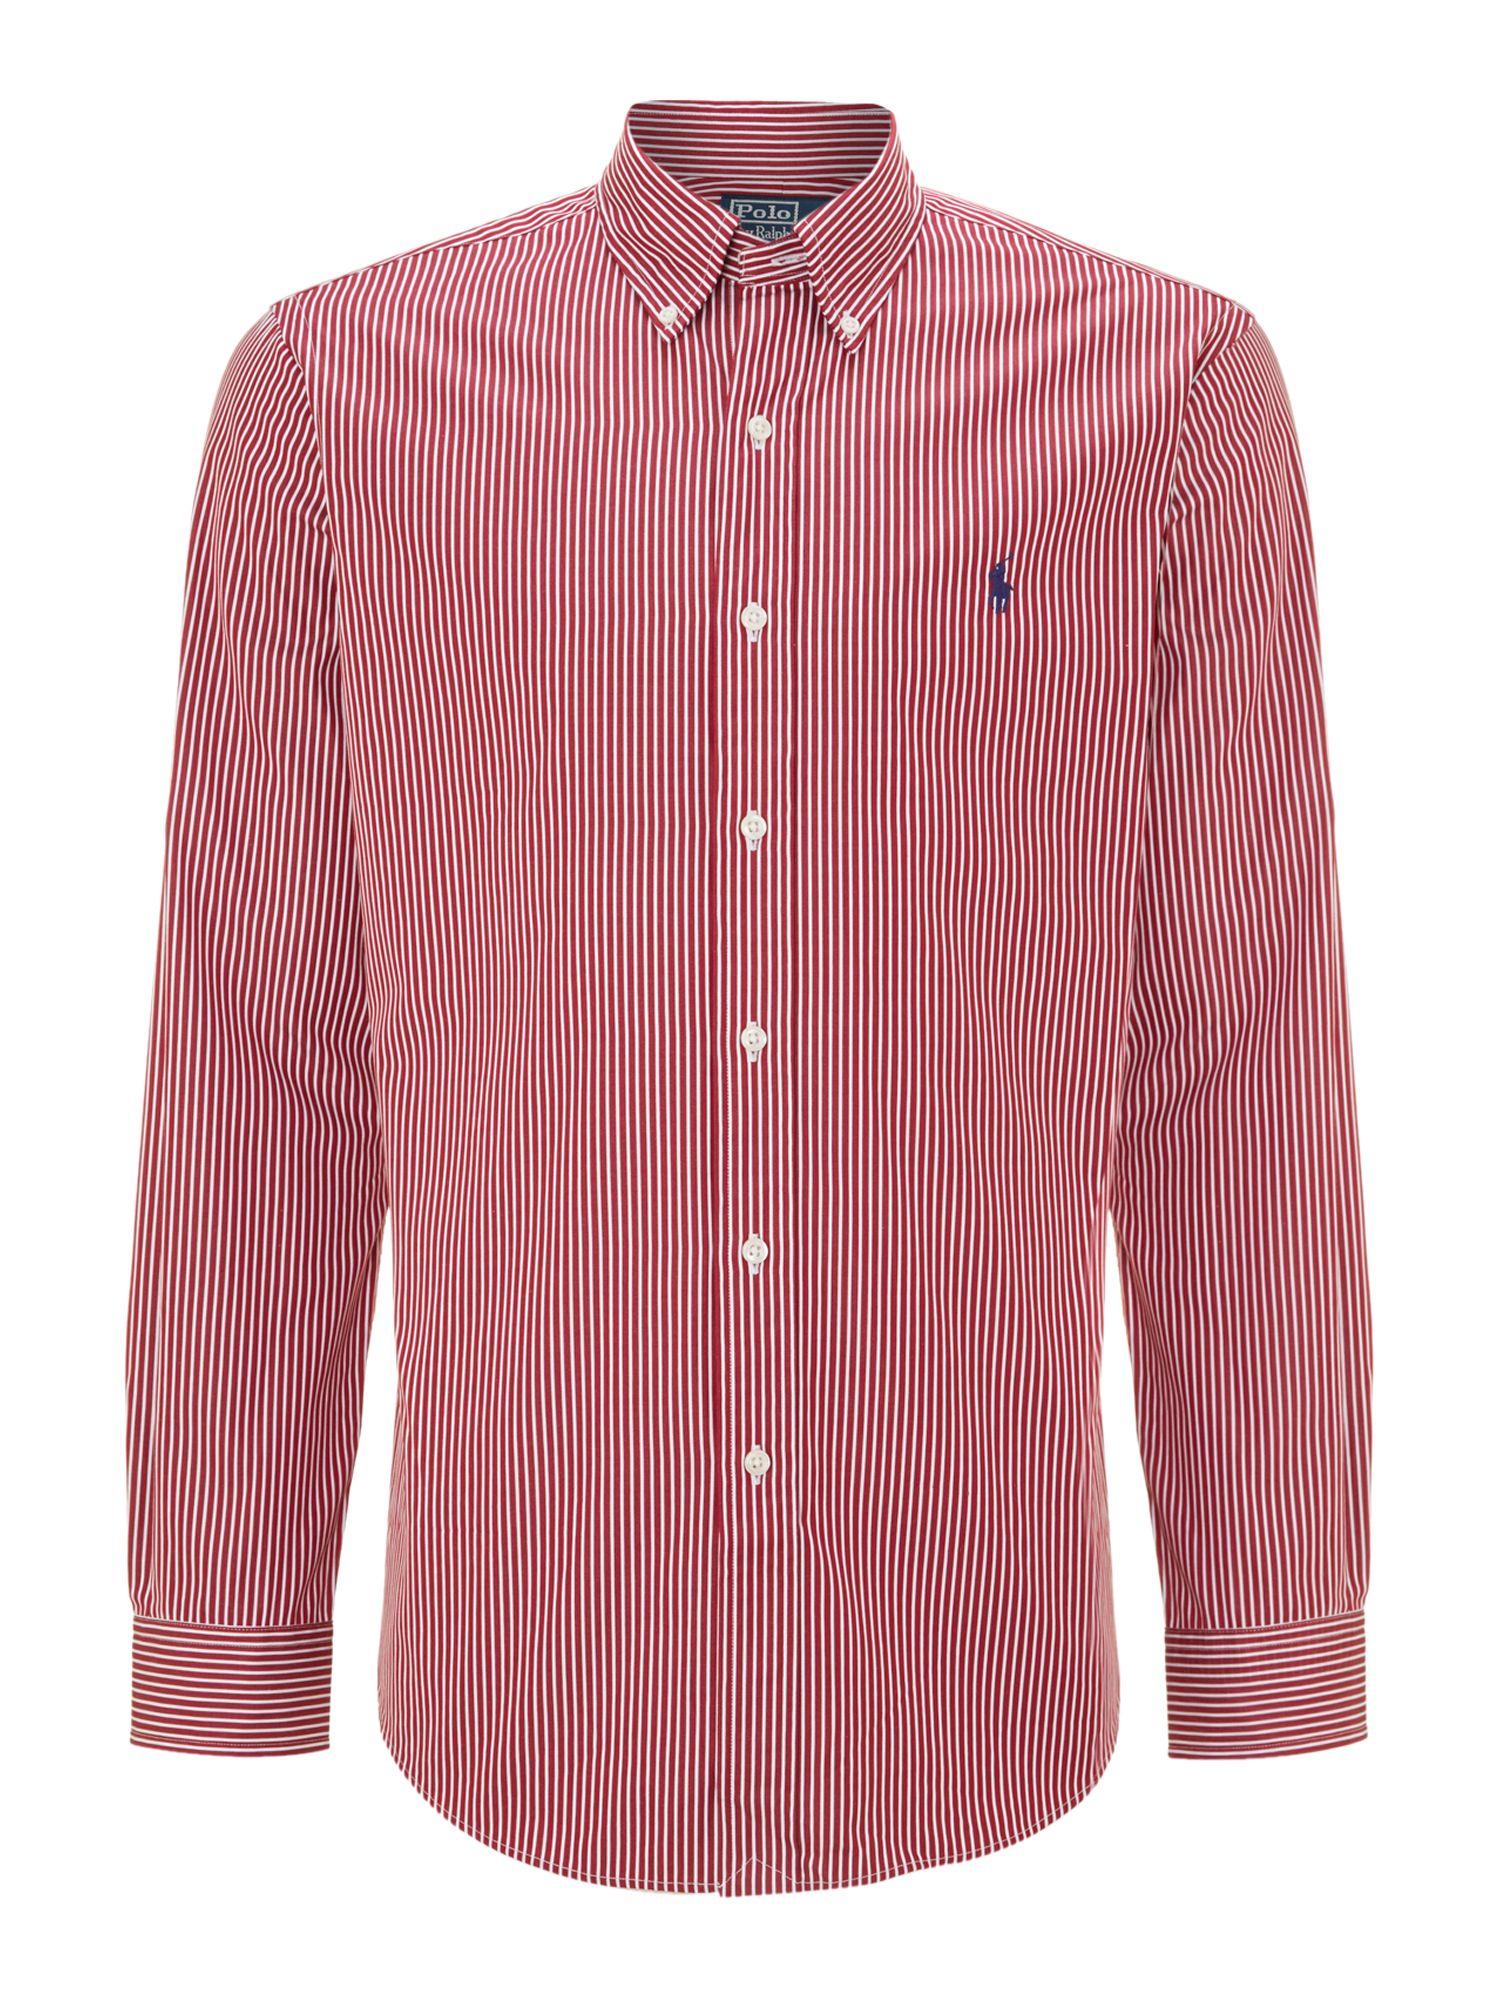 Polo ralph lauren long sleeve fine stripe shirt in purple for Long sleeve purple polo shirt